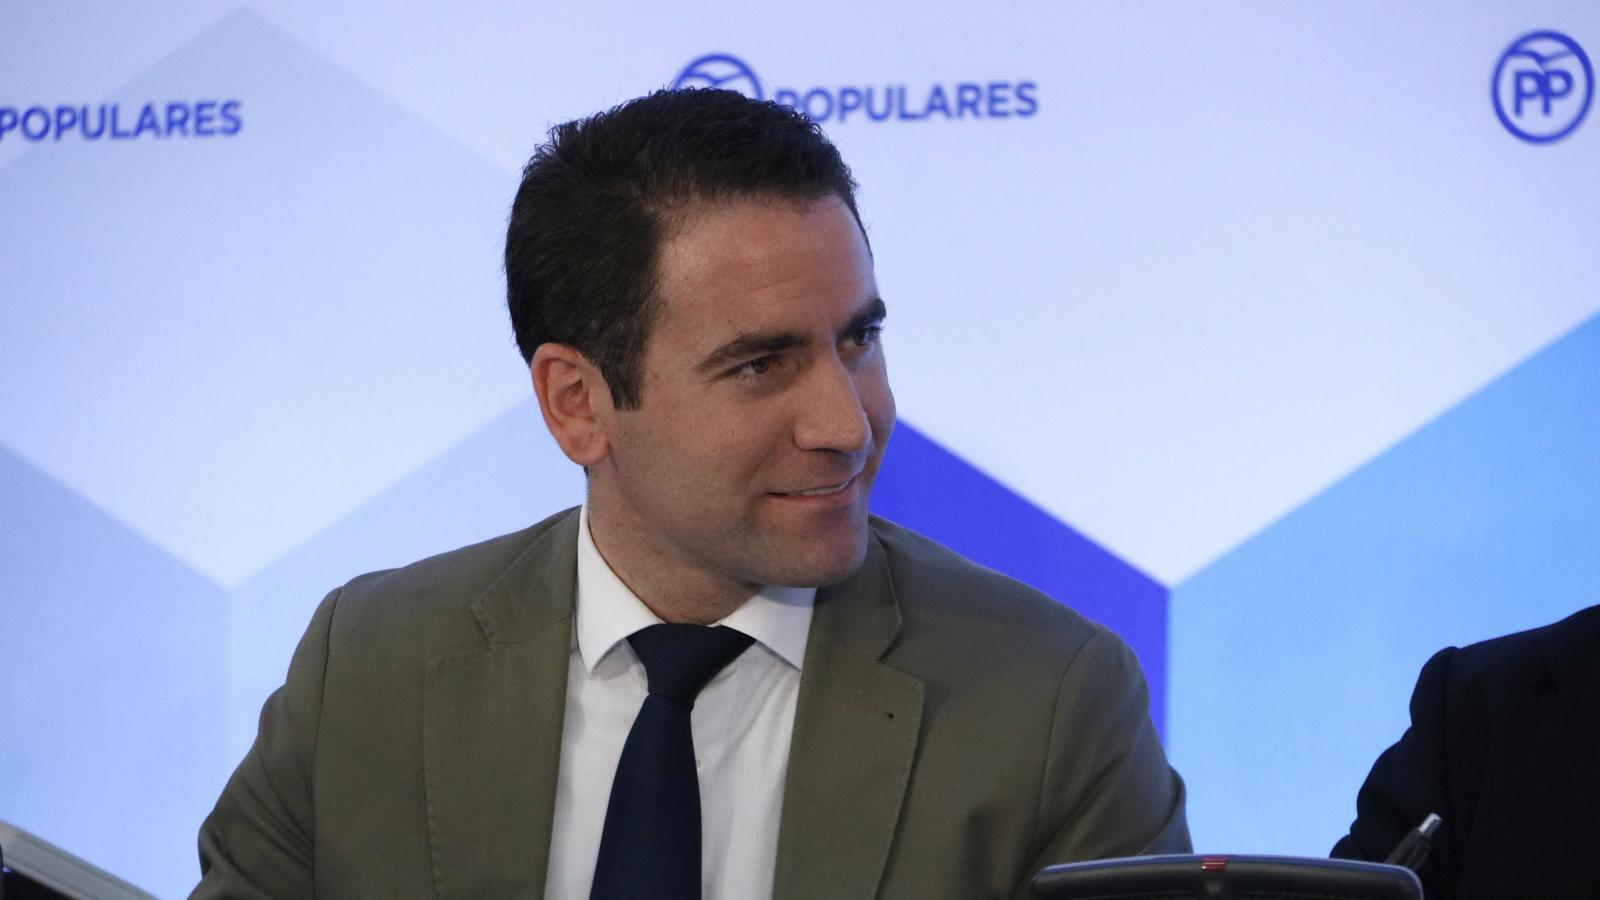 El nou secretari general del PP, Teodoro García Egea, en una imatge d'arxiu